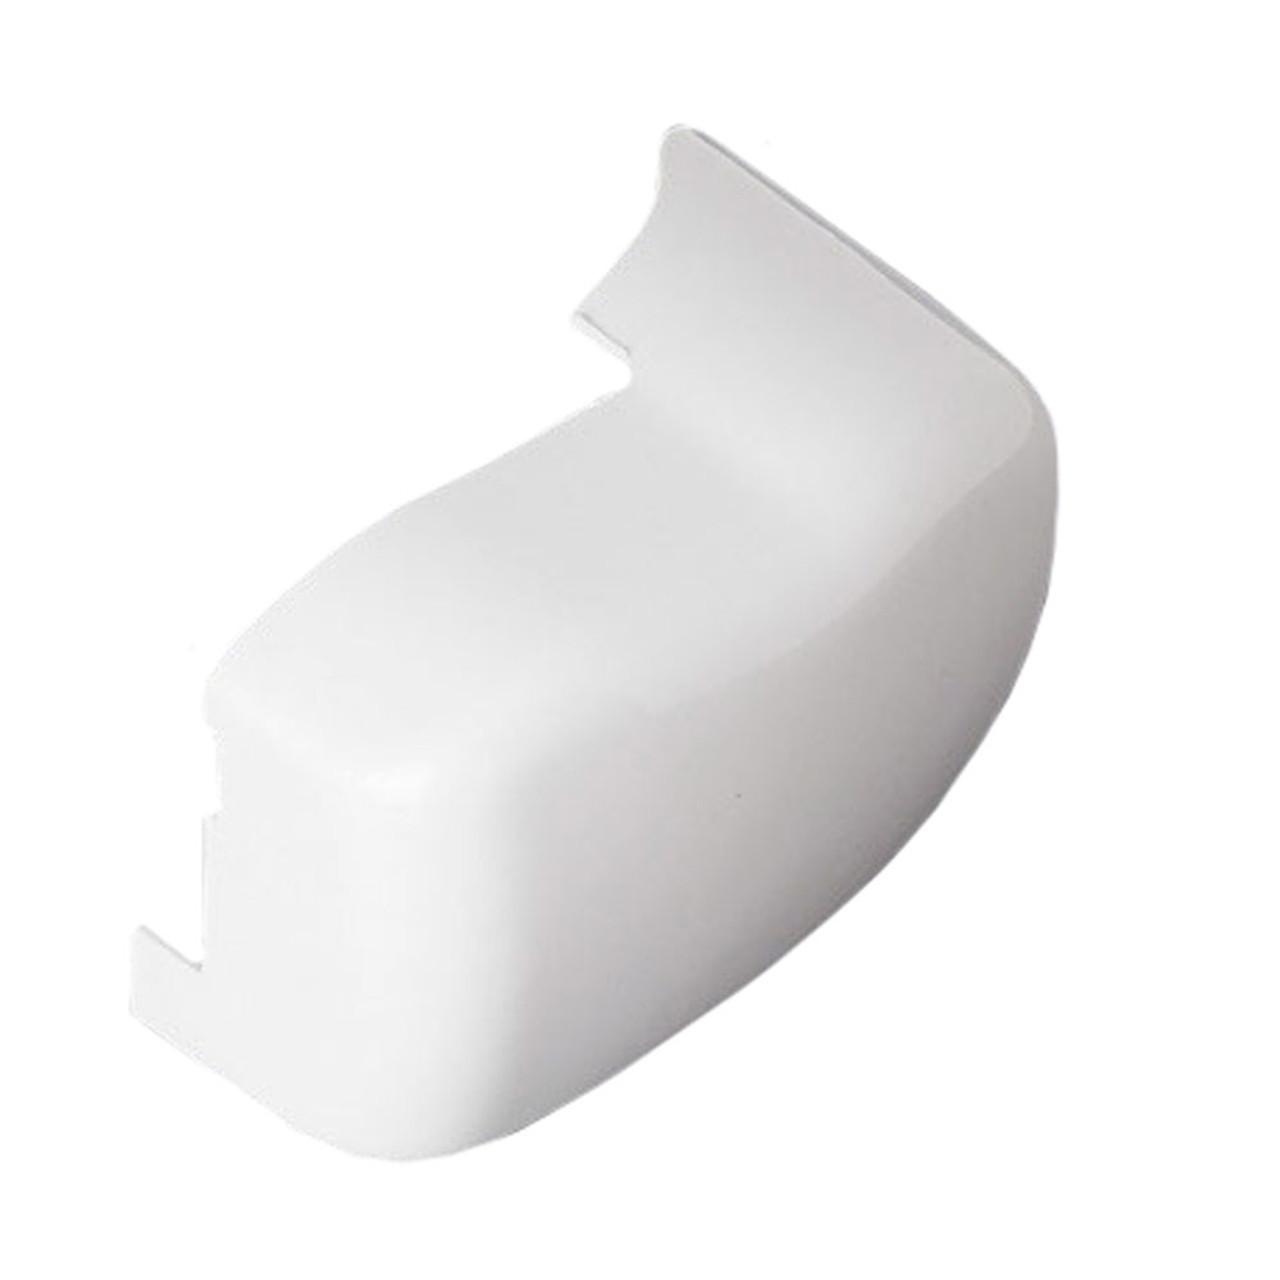 Fiamma F45i Left Winch Cover White 04274A01C